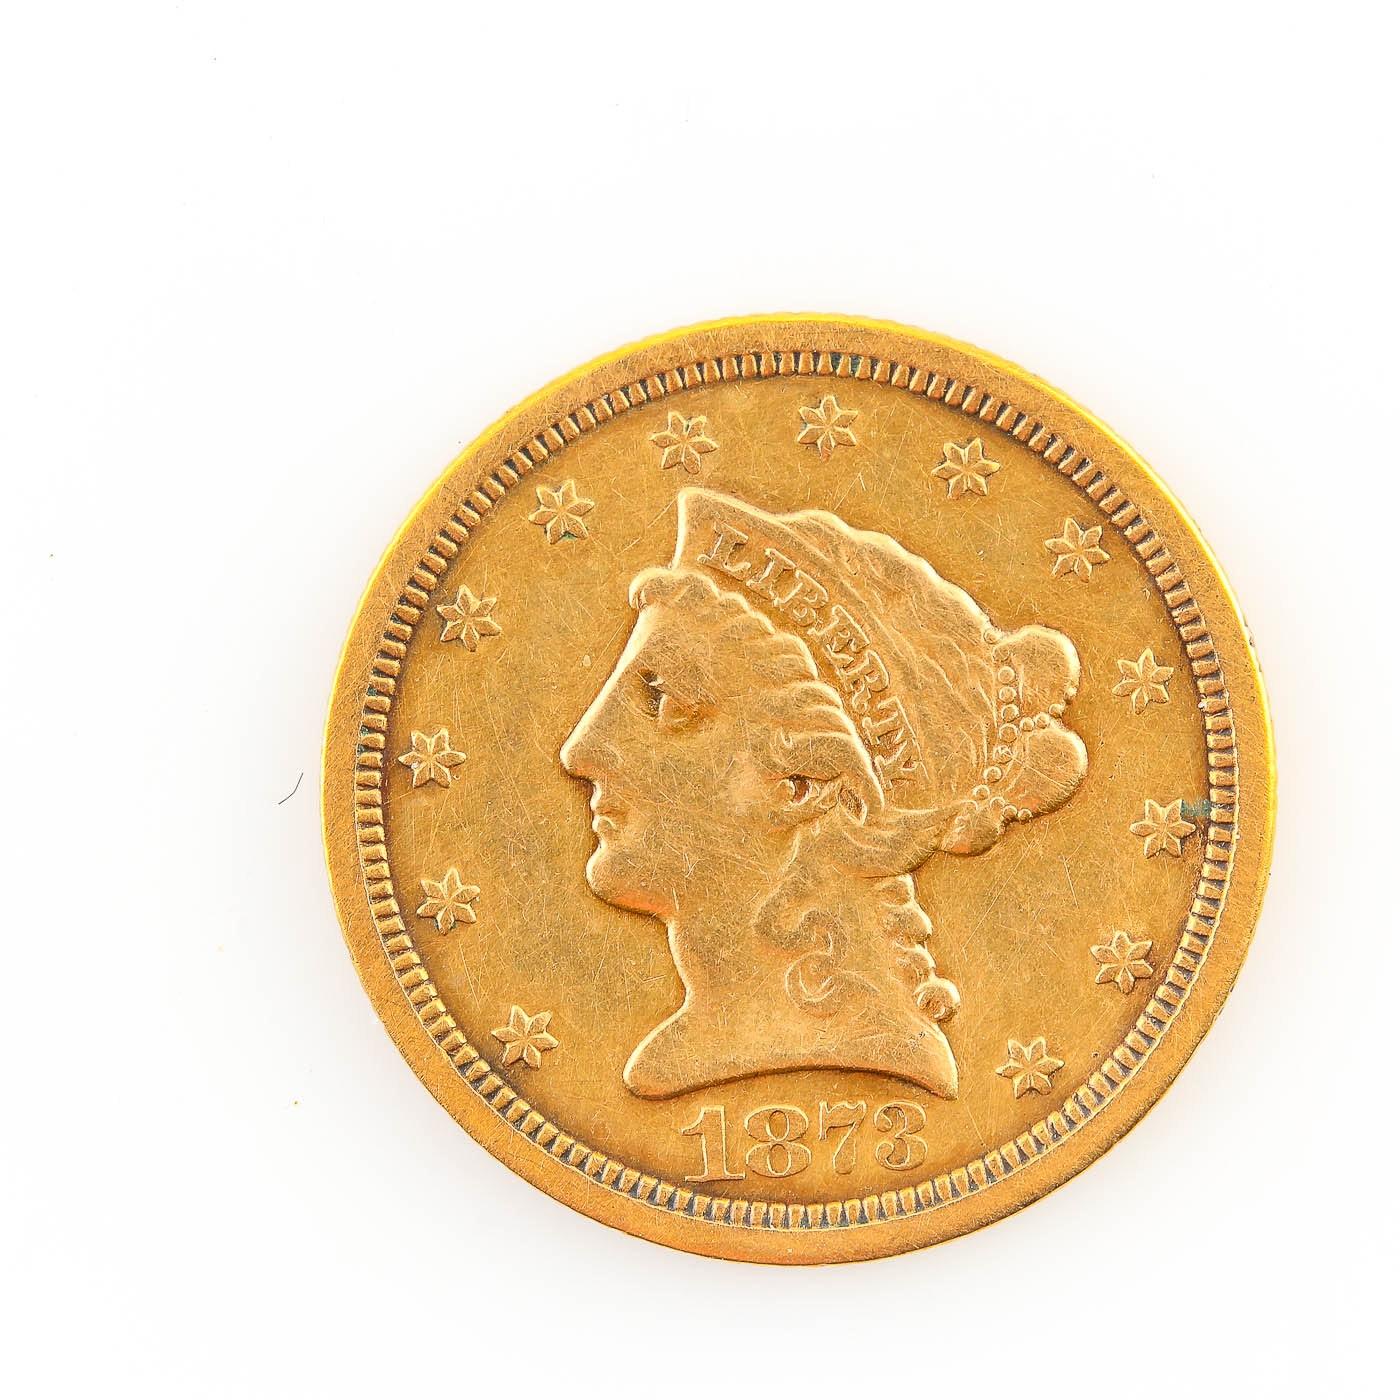 1873-S Liberty Head $2.50 Gold Quarter Eagle